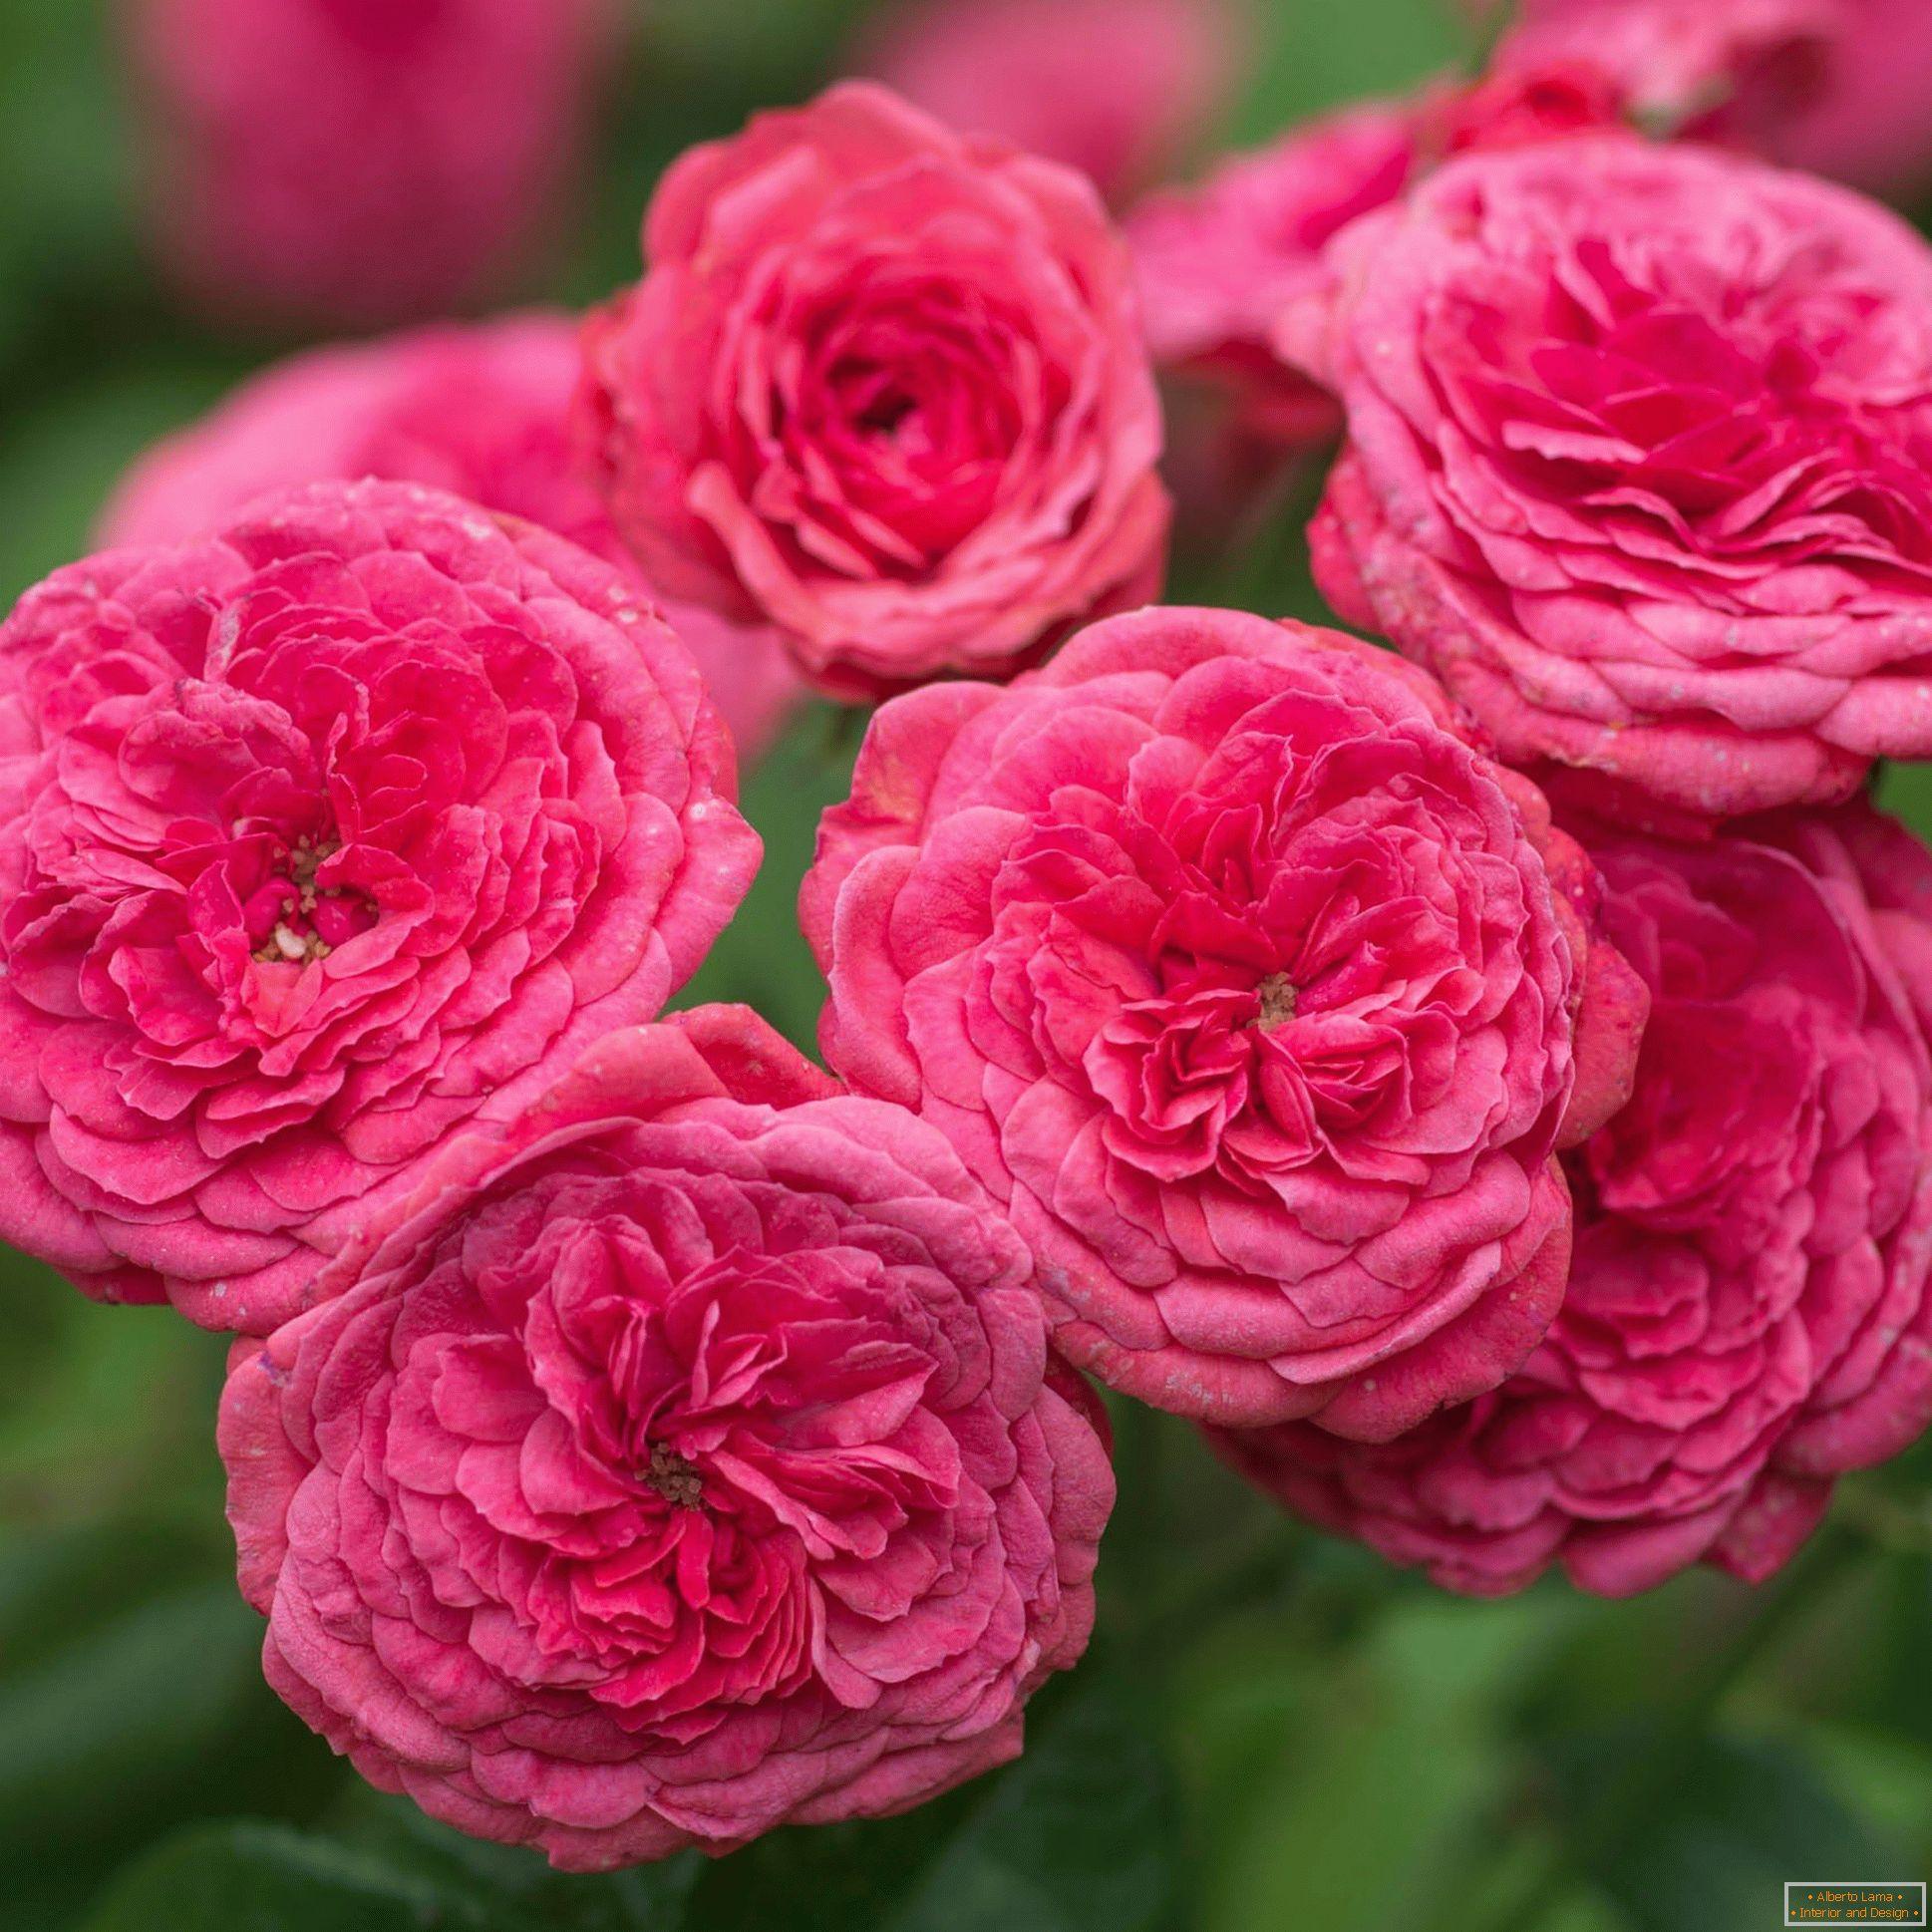 különféle rózsák galandféreghez rothadt tojás szaga a szájból mit kell tenni